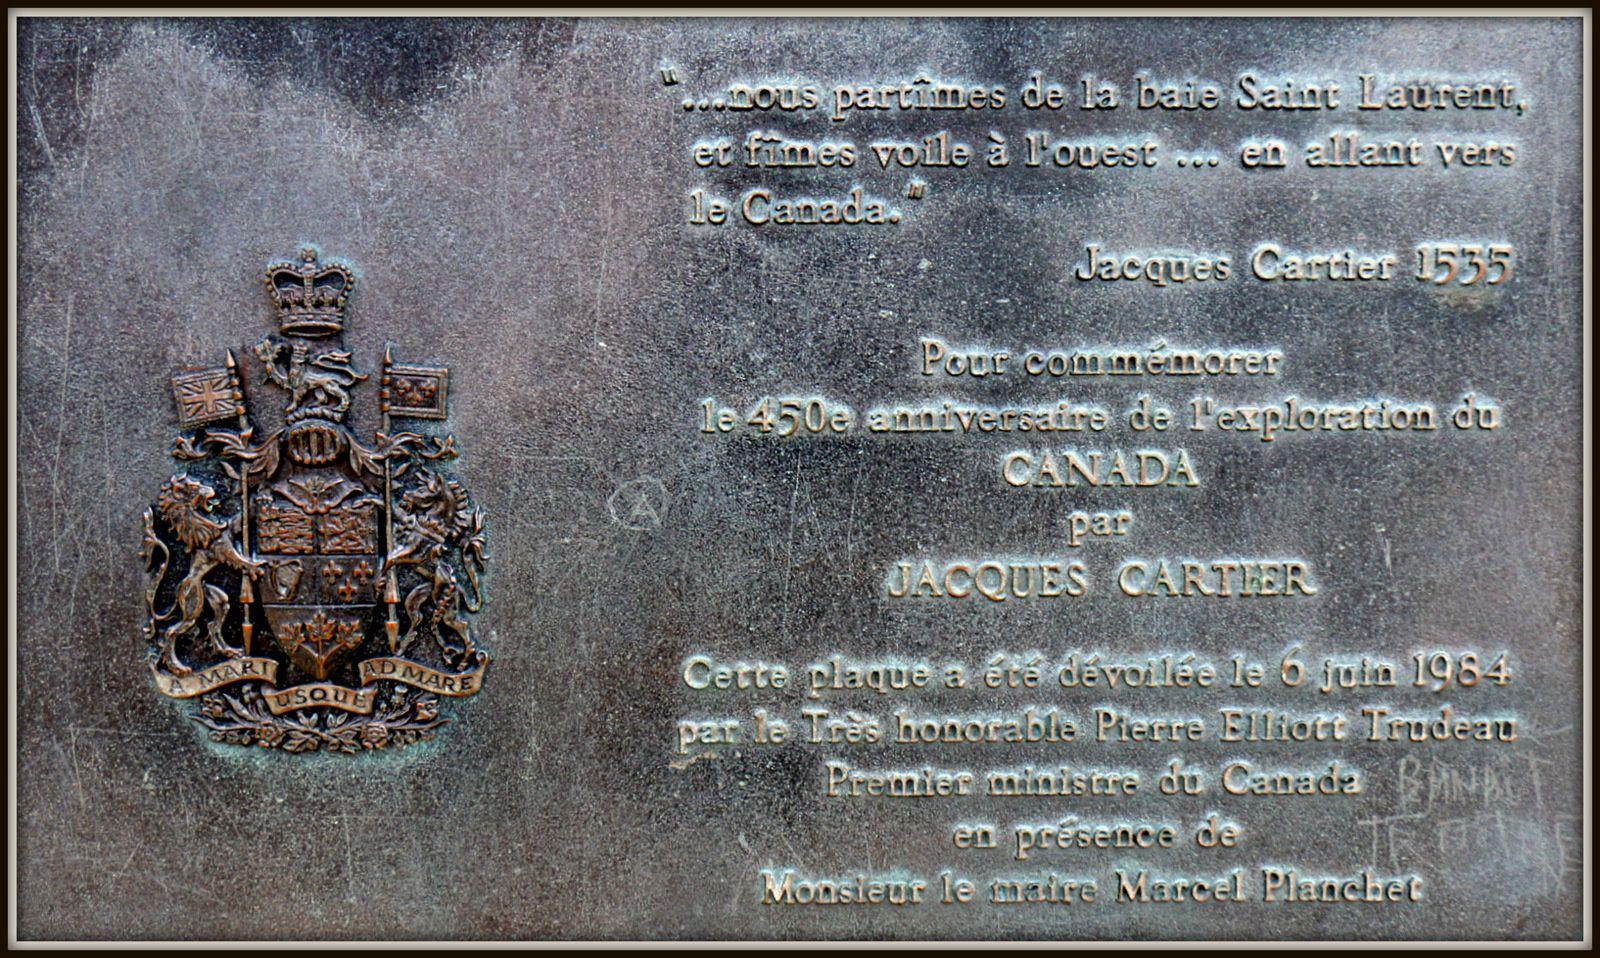 Jacques Cartier, Saint-Malo